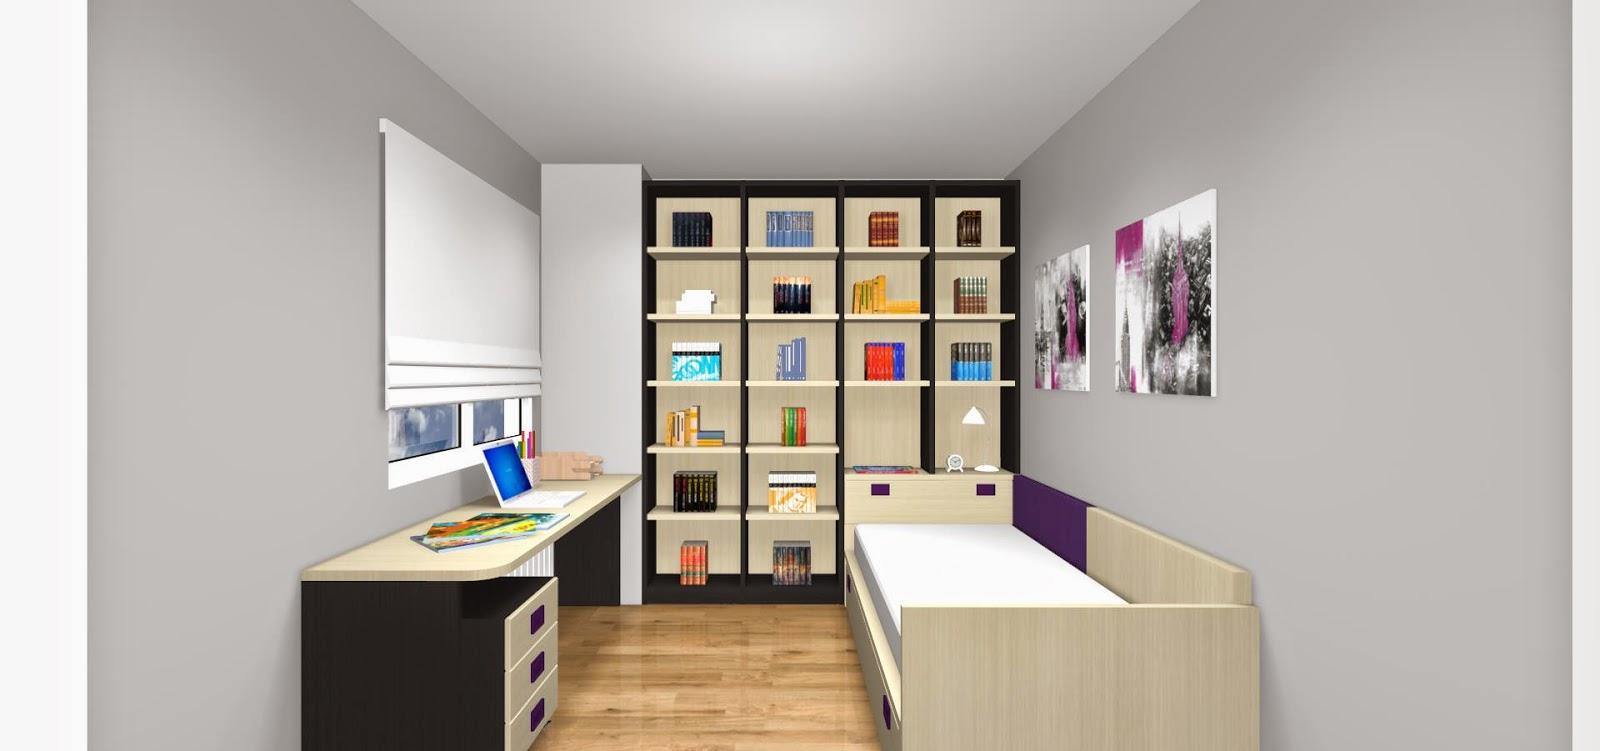 Habitación-con-estanteria